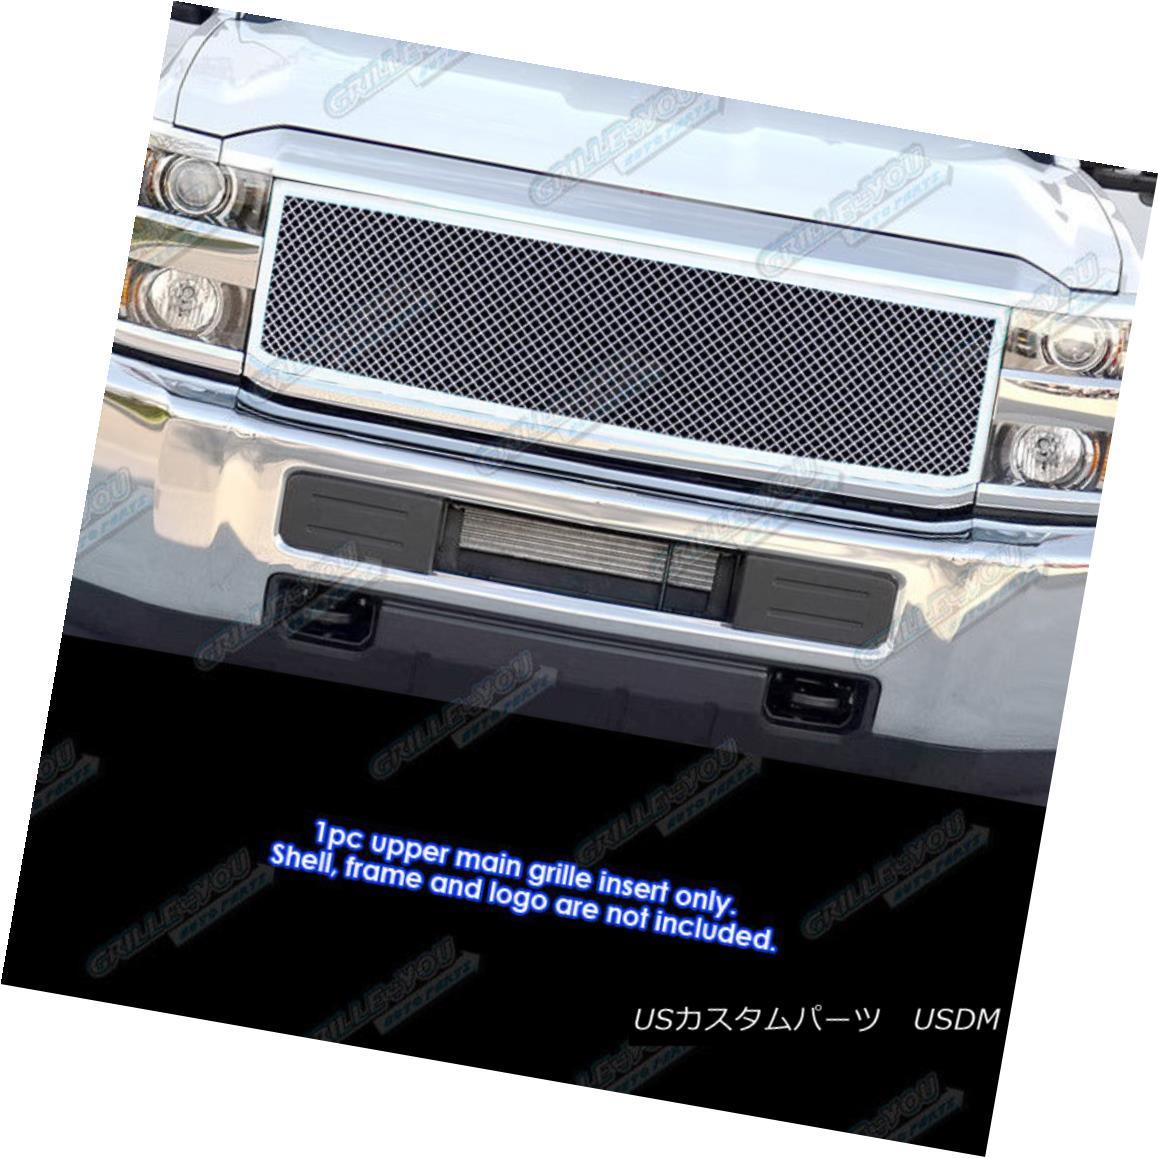 グリル Fits 2015-2017 Chevy 2500HD/3500HD Stainless Steel Mesh Grille Insert 適合2015-2017 Chevy 2500HD / 3500HDステンレスメッシュグリルインサート